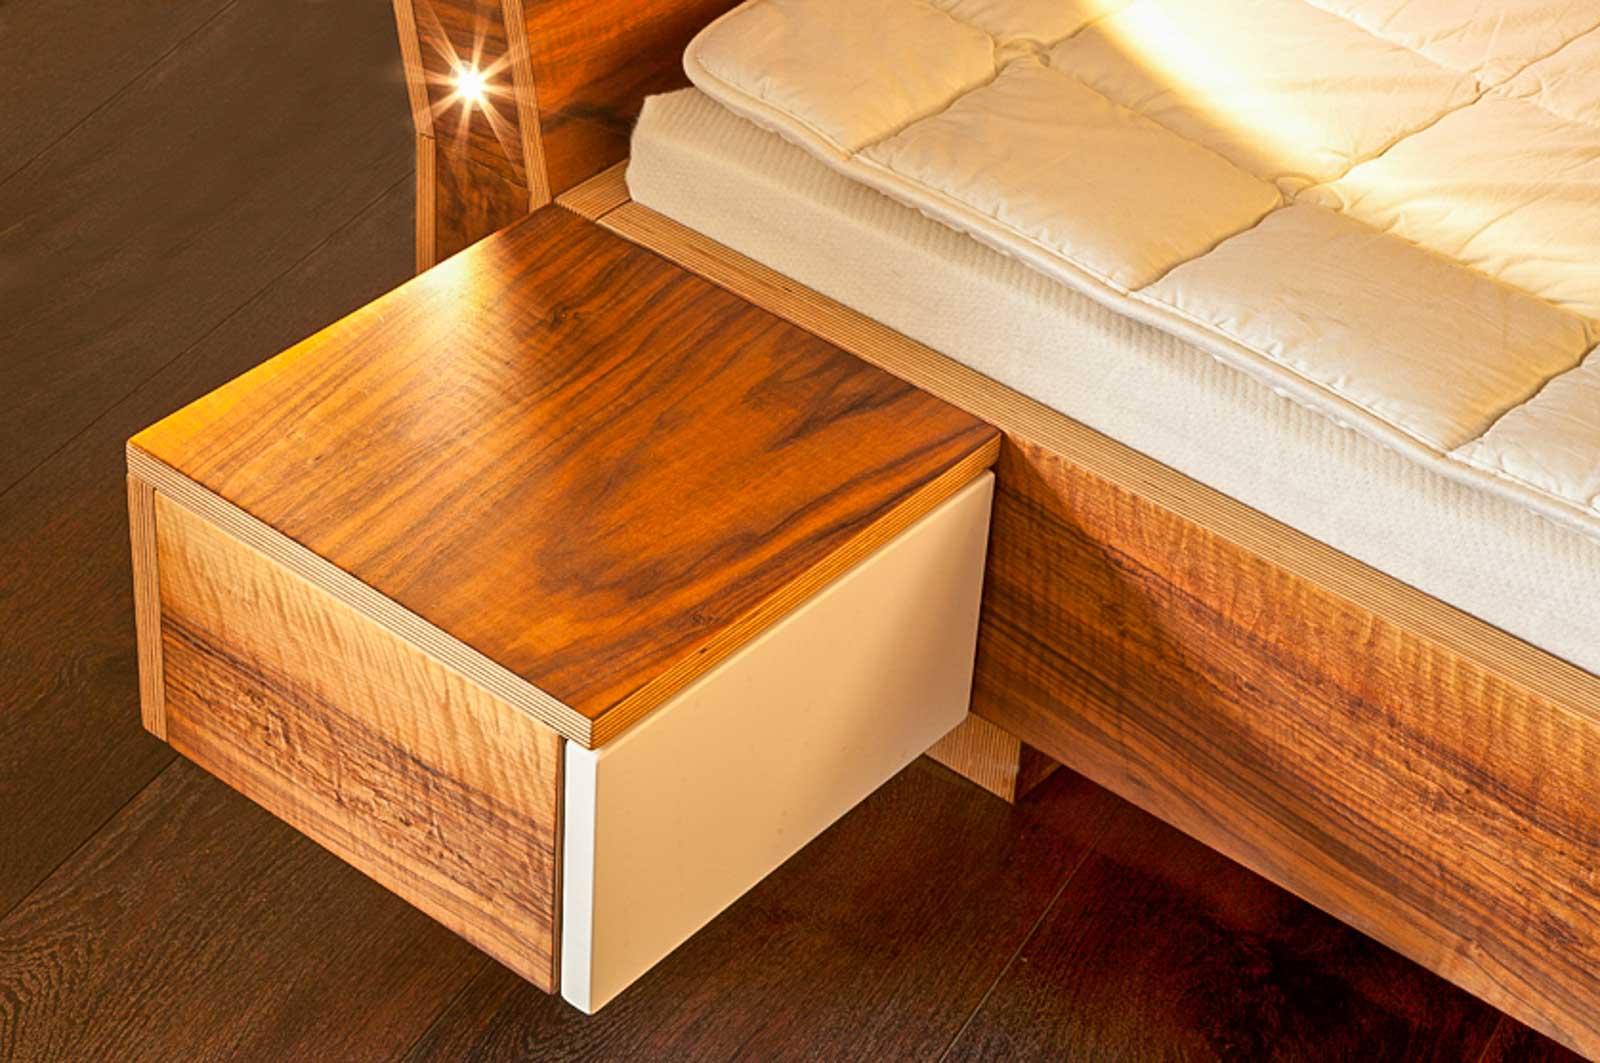 Wooddesign_Bett_Trinatura_Testbett_Nussbaum_Leseleuchte_Kopfteil (2)